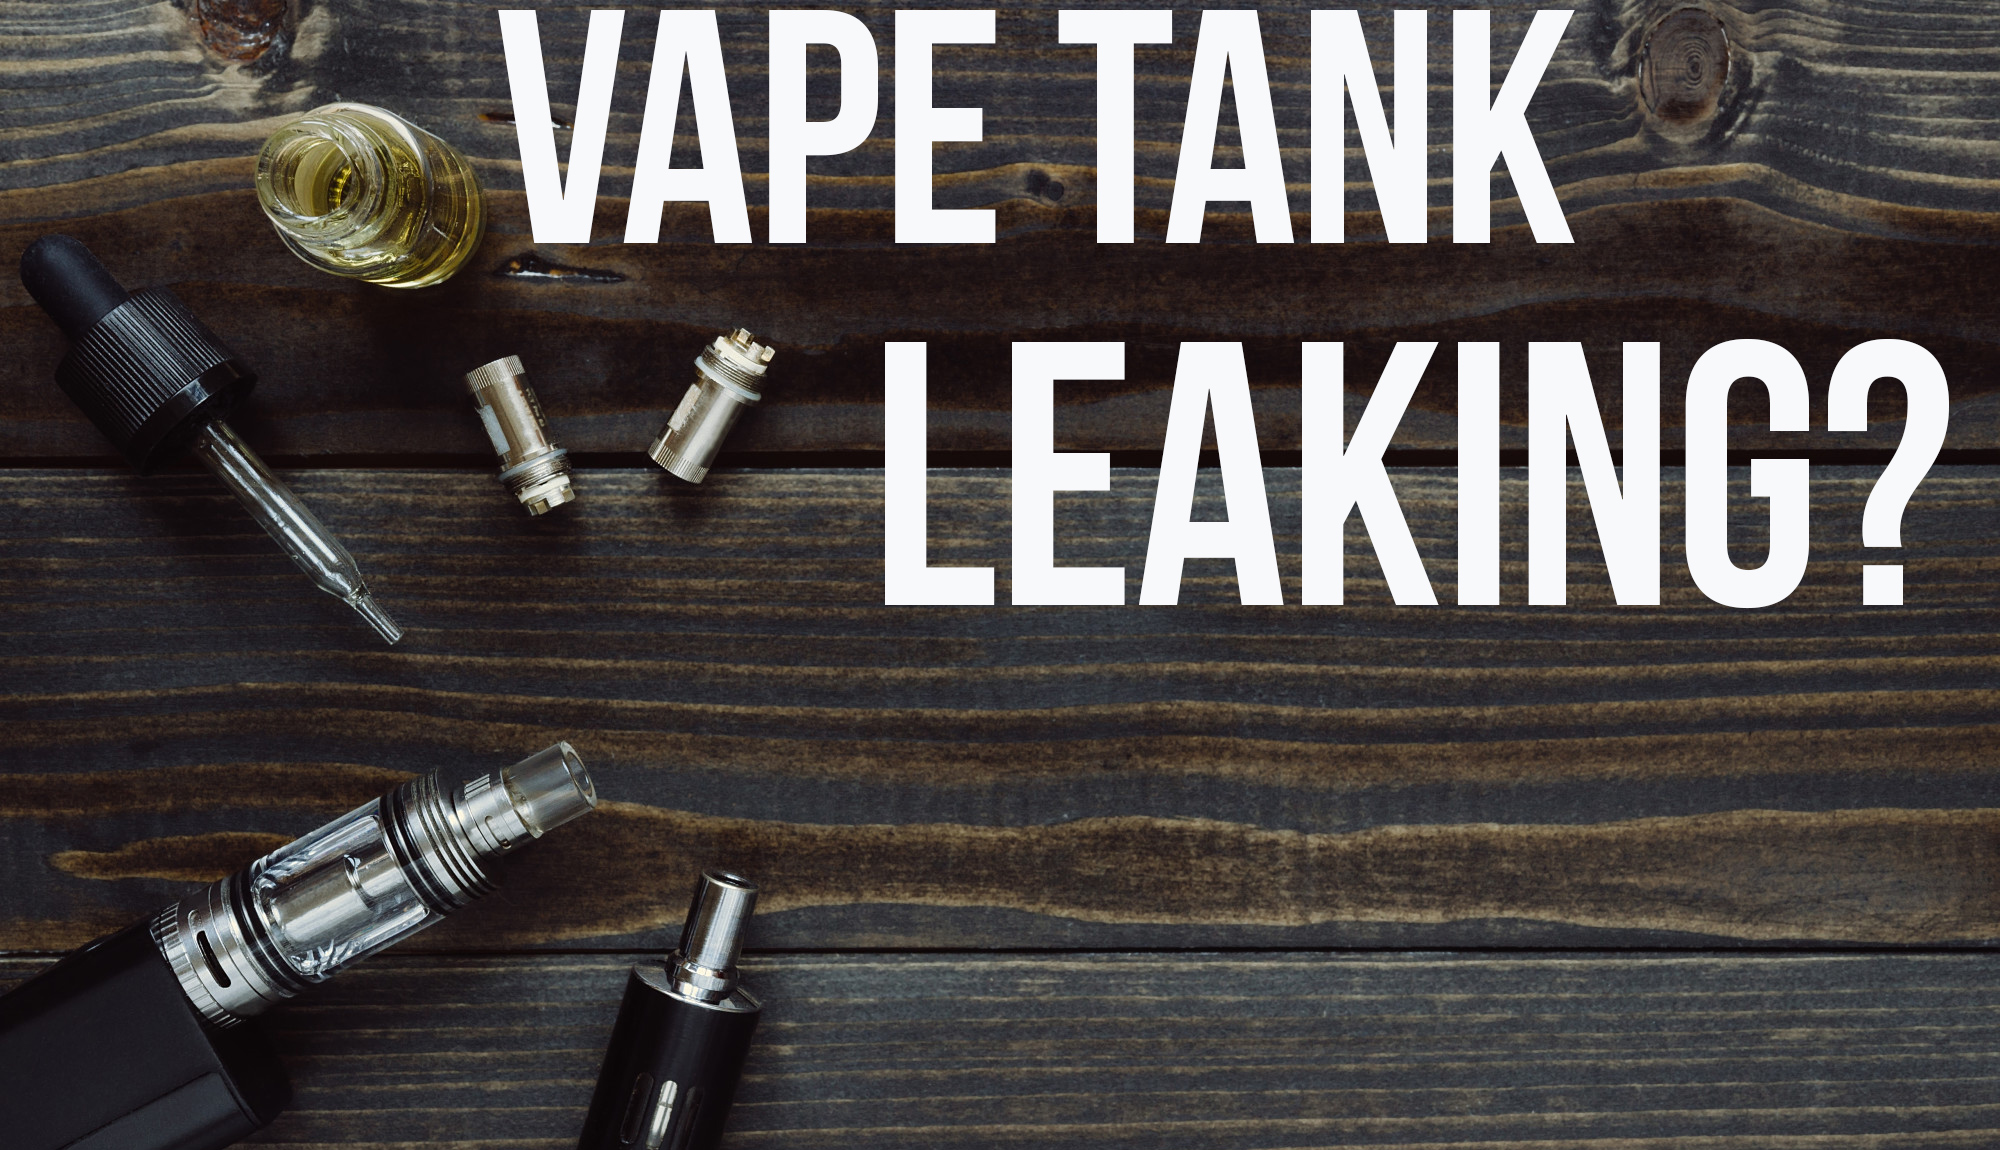 Vape Tank Leaks